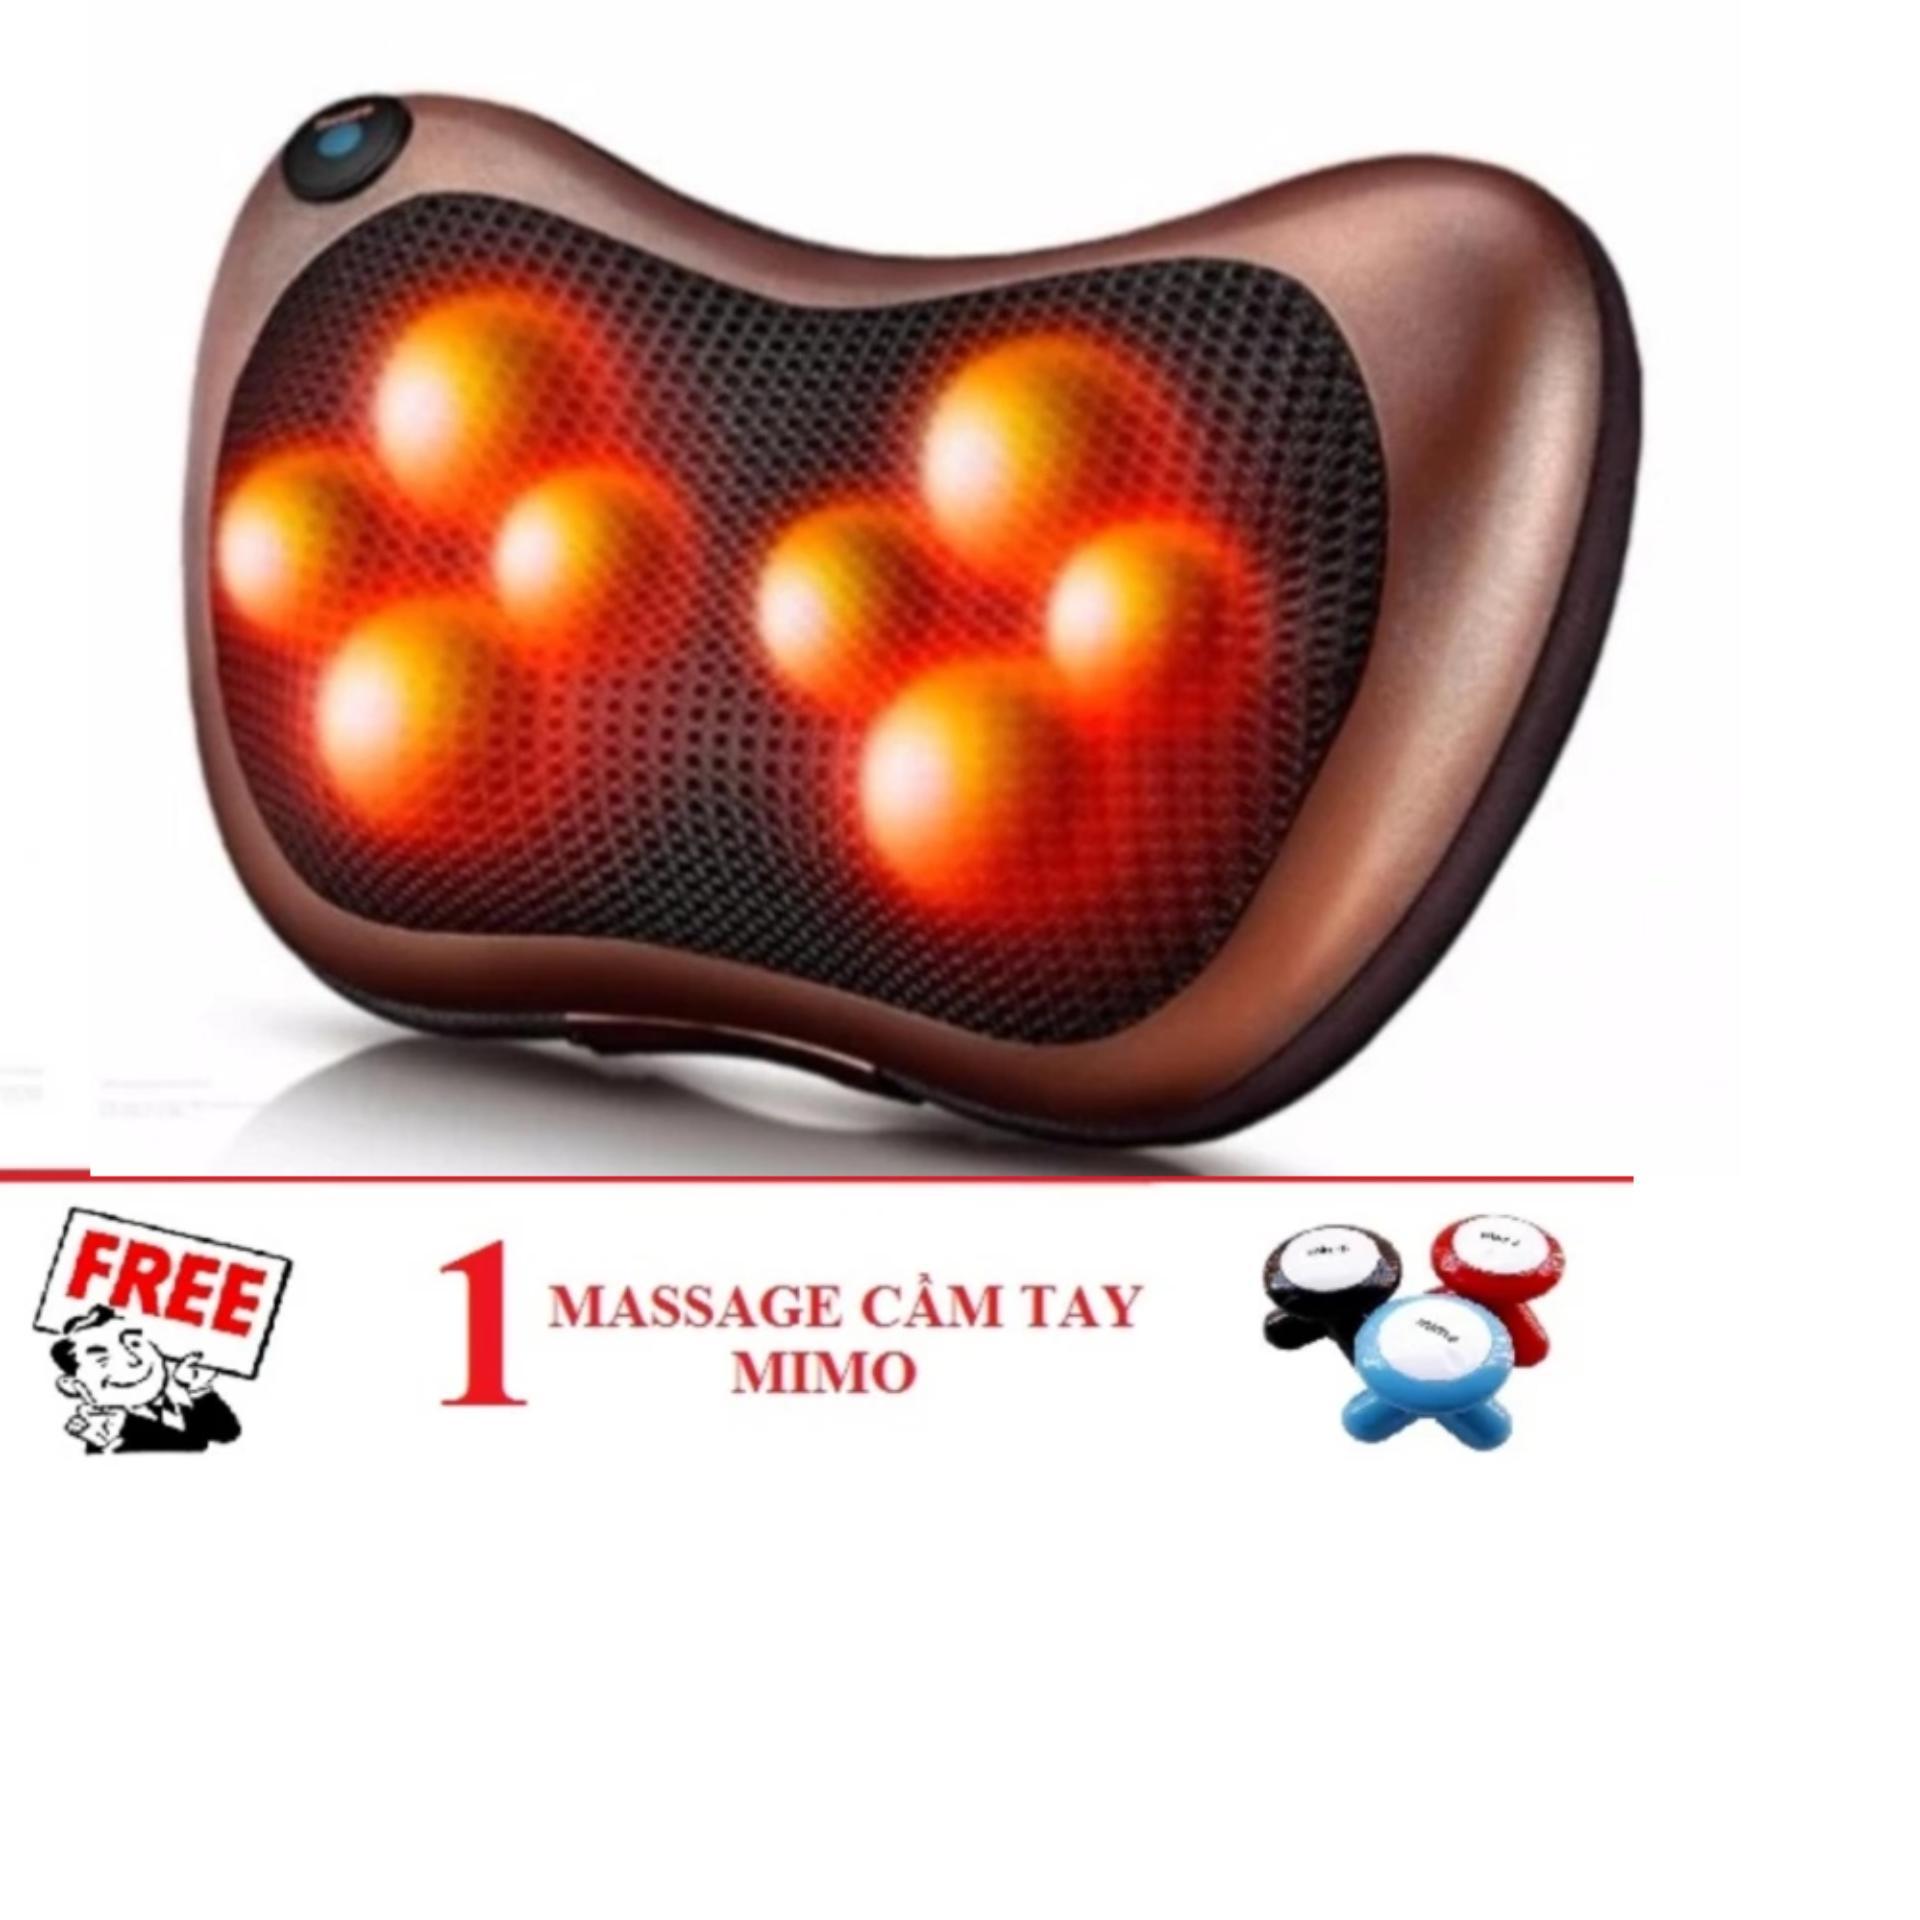 Gối Massage Hồng Ngoại 8 Bi đảo chiều (Nâu đỏ) + Tặng 1 máy massage cầm tay MIMO